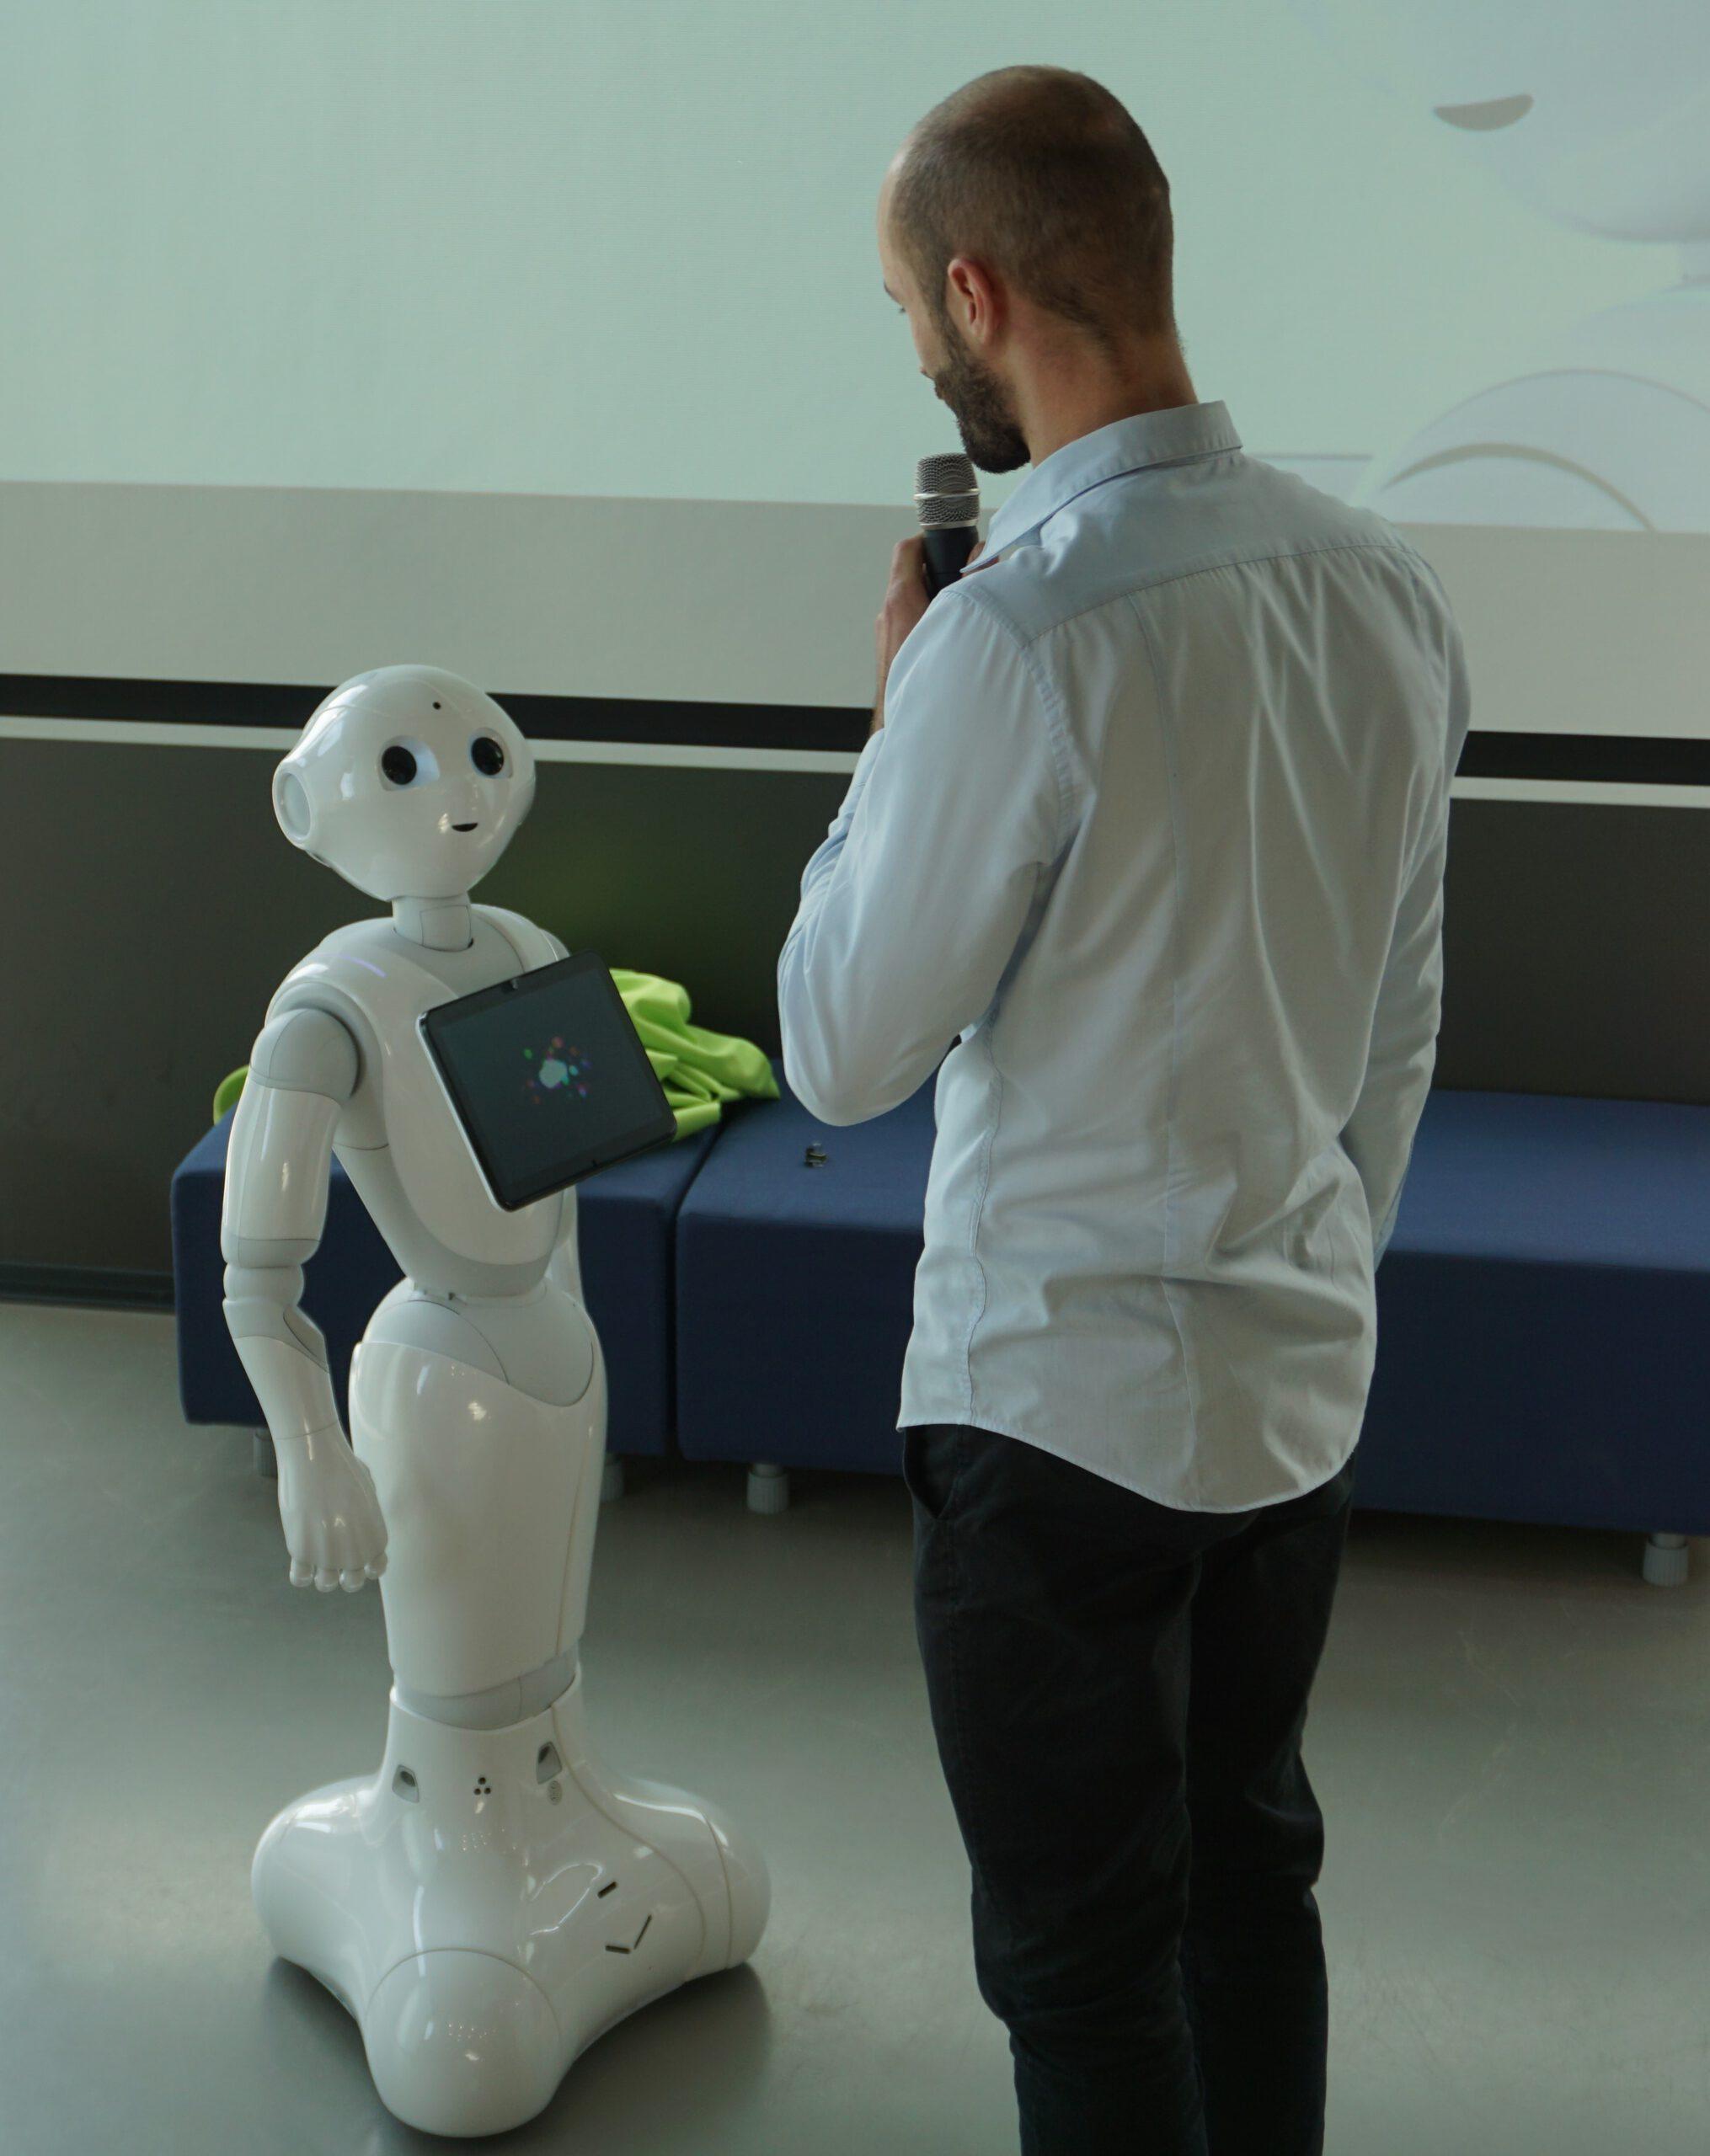 Schüler steht vor dem Roboter Pepper in der Zukunftswerkstatt